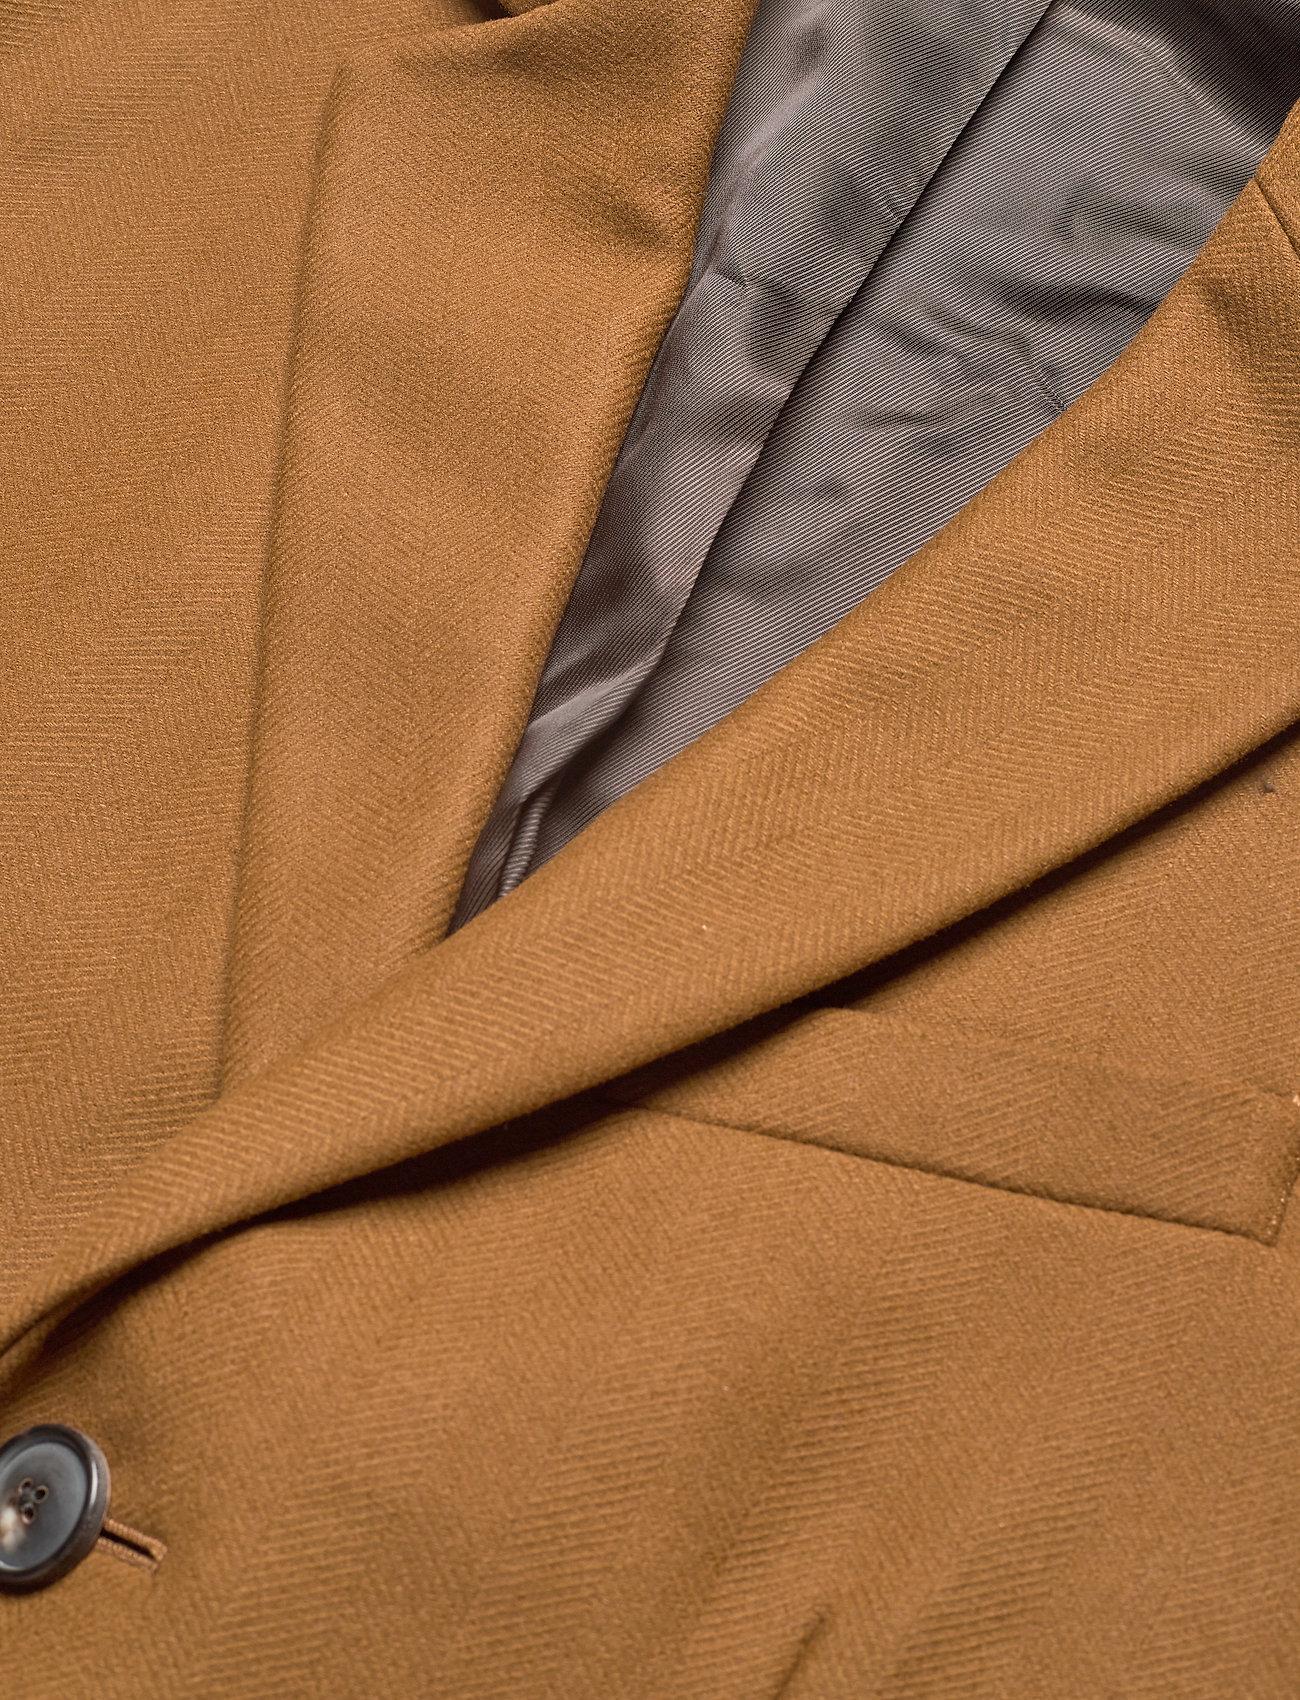 Lyle & Scott  colour block knitted jumper | Laaja valikoima alennustuotteita | Miesten talvivaatteet